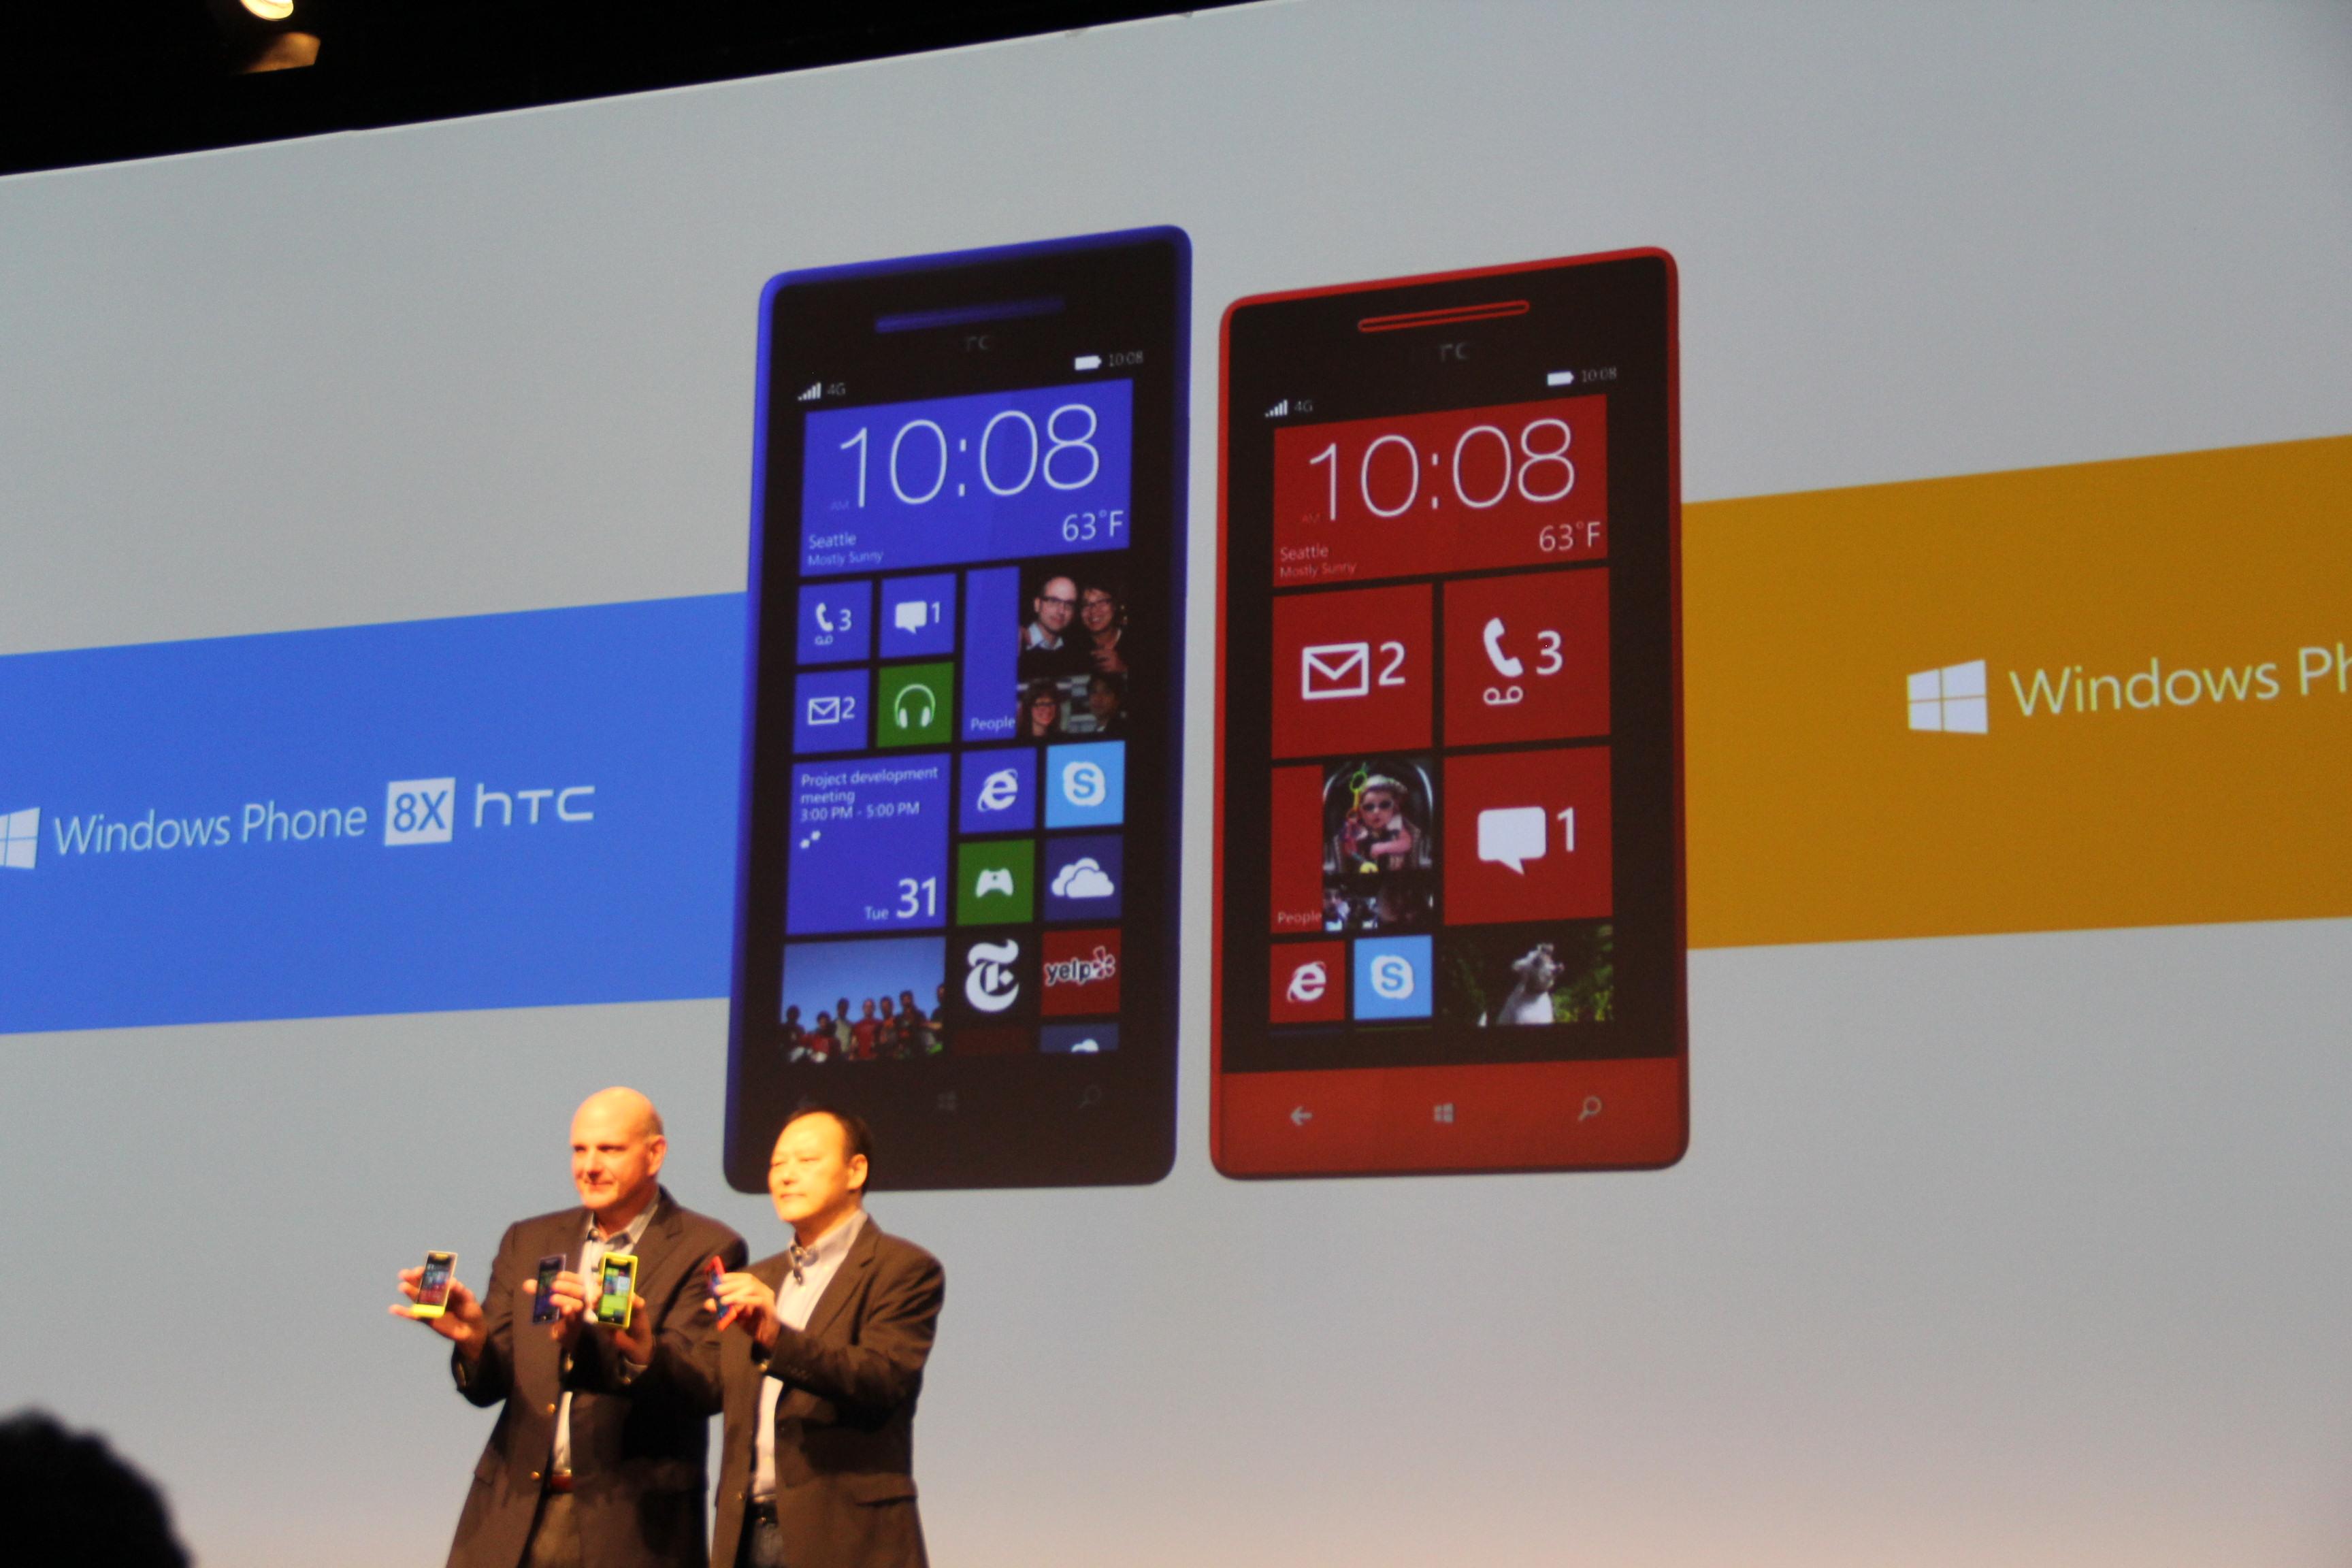 FOK.nl / Nieuws / HTC maakt Windows Phone 8 line-up bekend